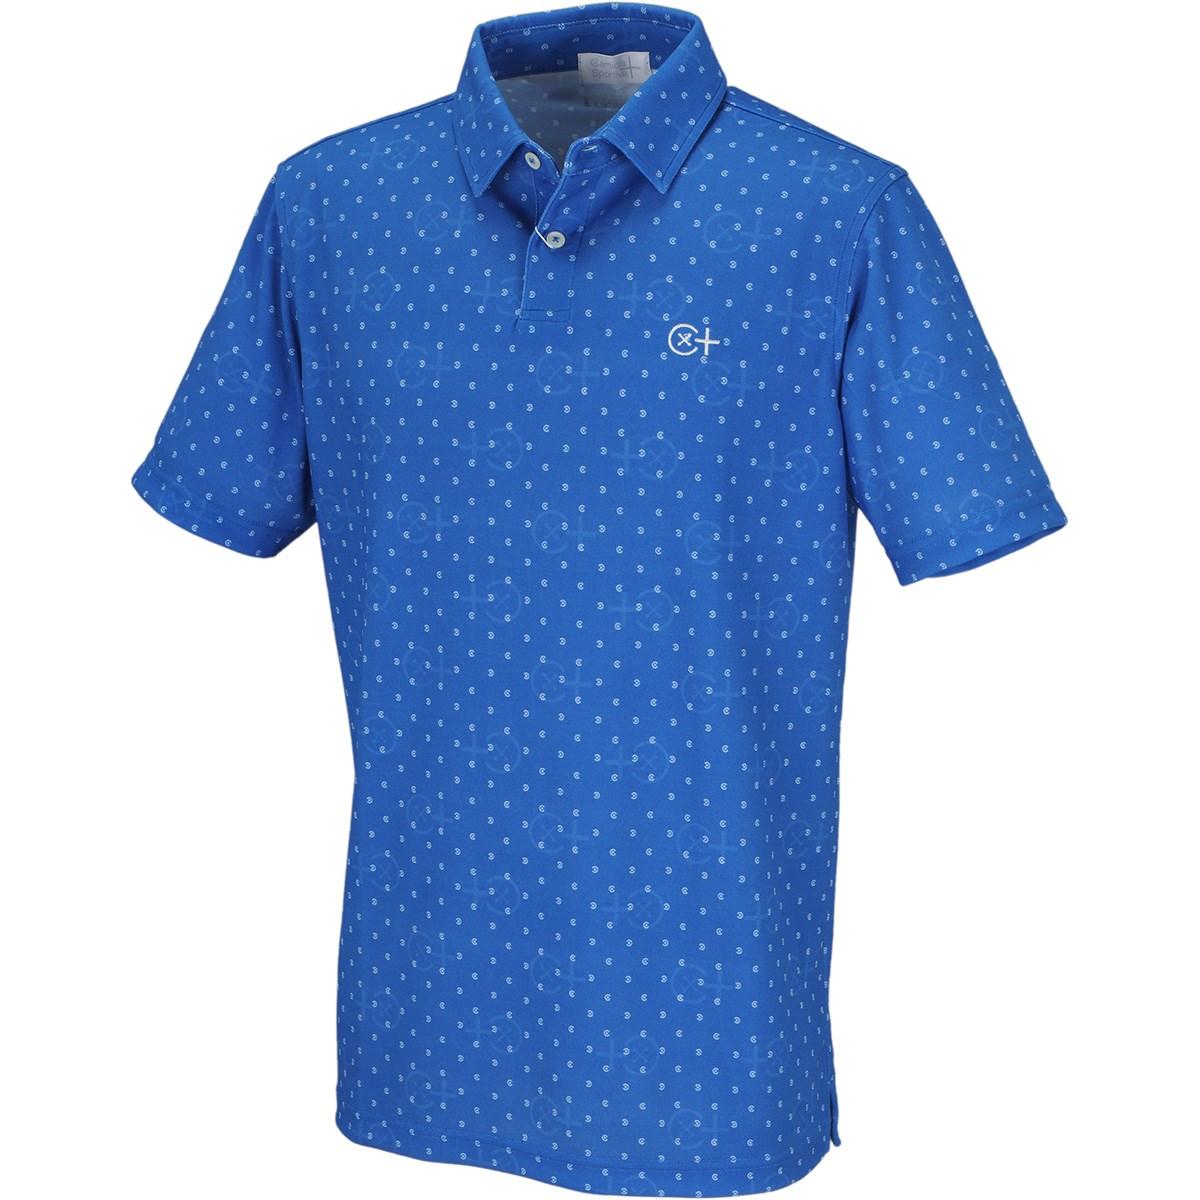 カミーチャスポルティーバプラス ボタンドットプリント 半袖プリントポロシャツ